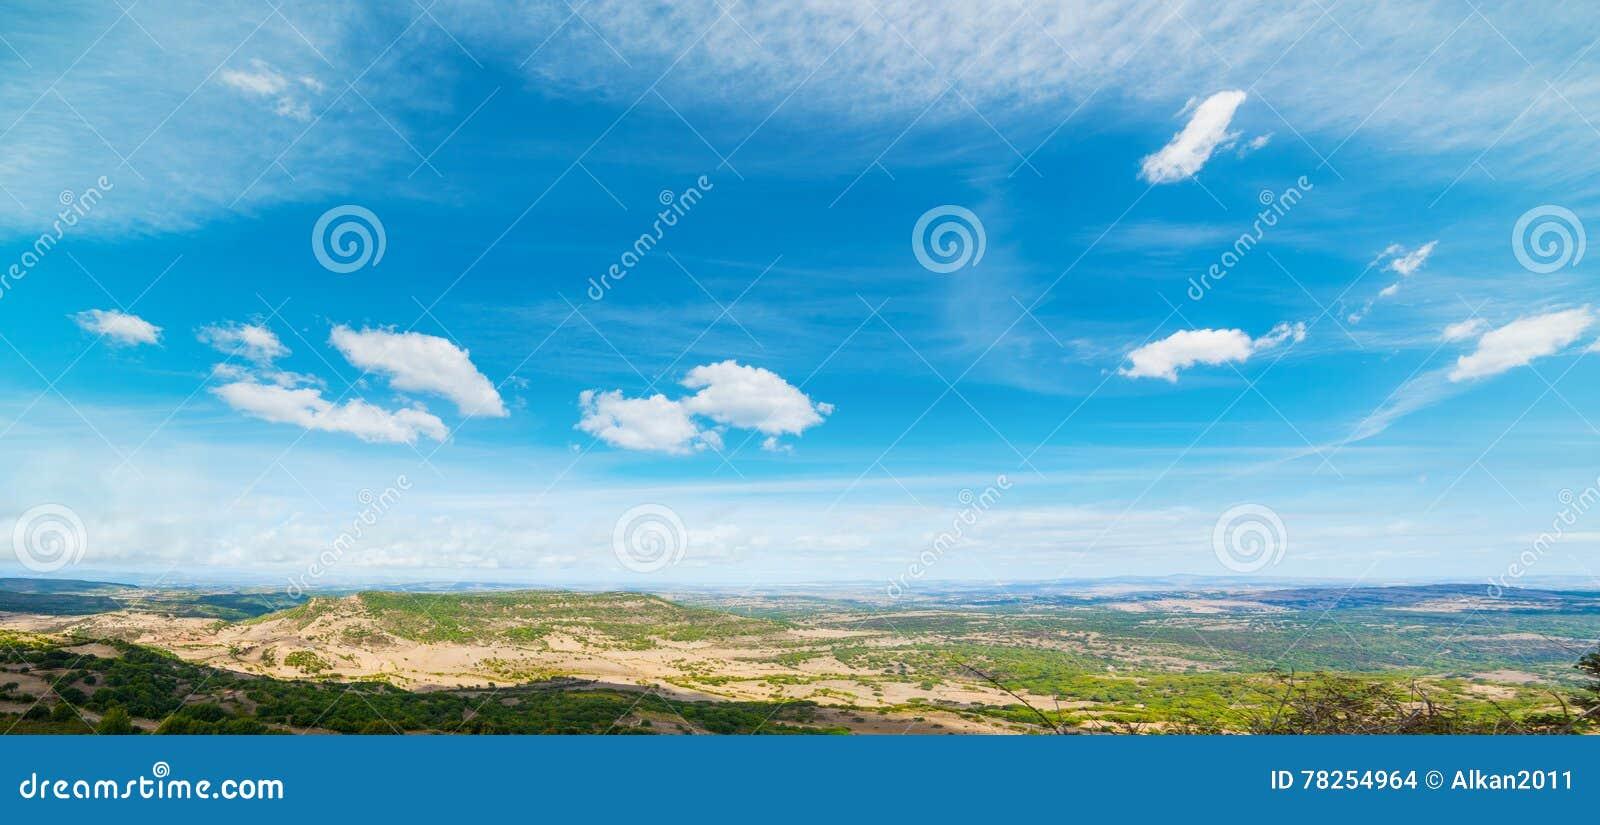 Μπλε ουρανός πέρα από ένα σαρδηνιακό τοπίο